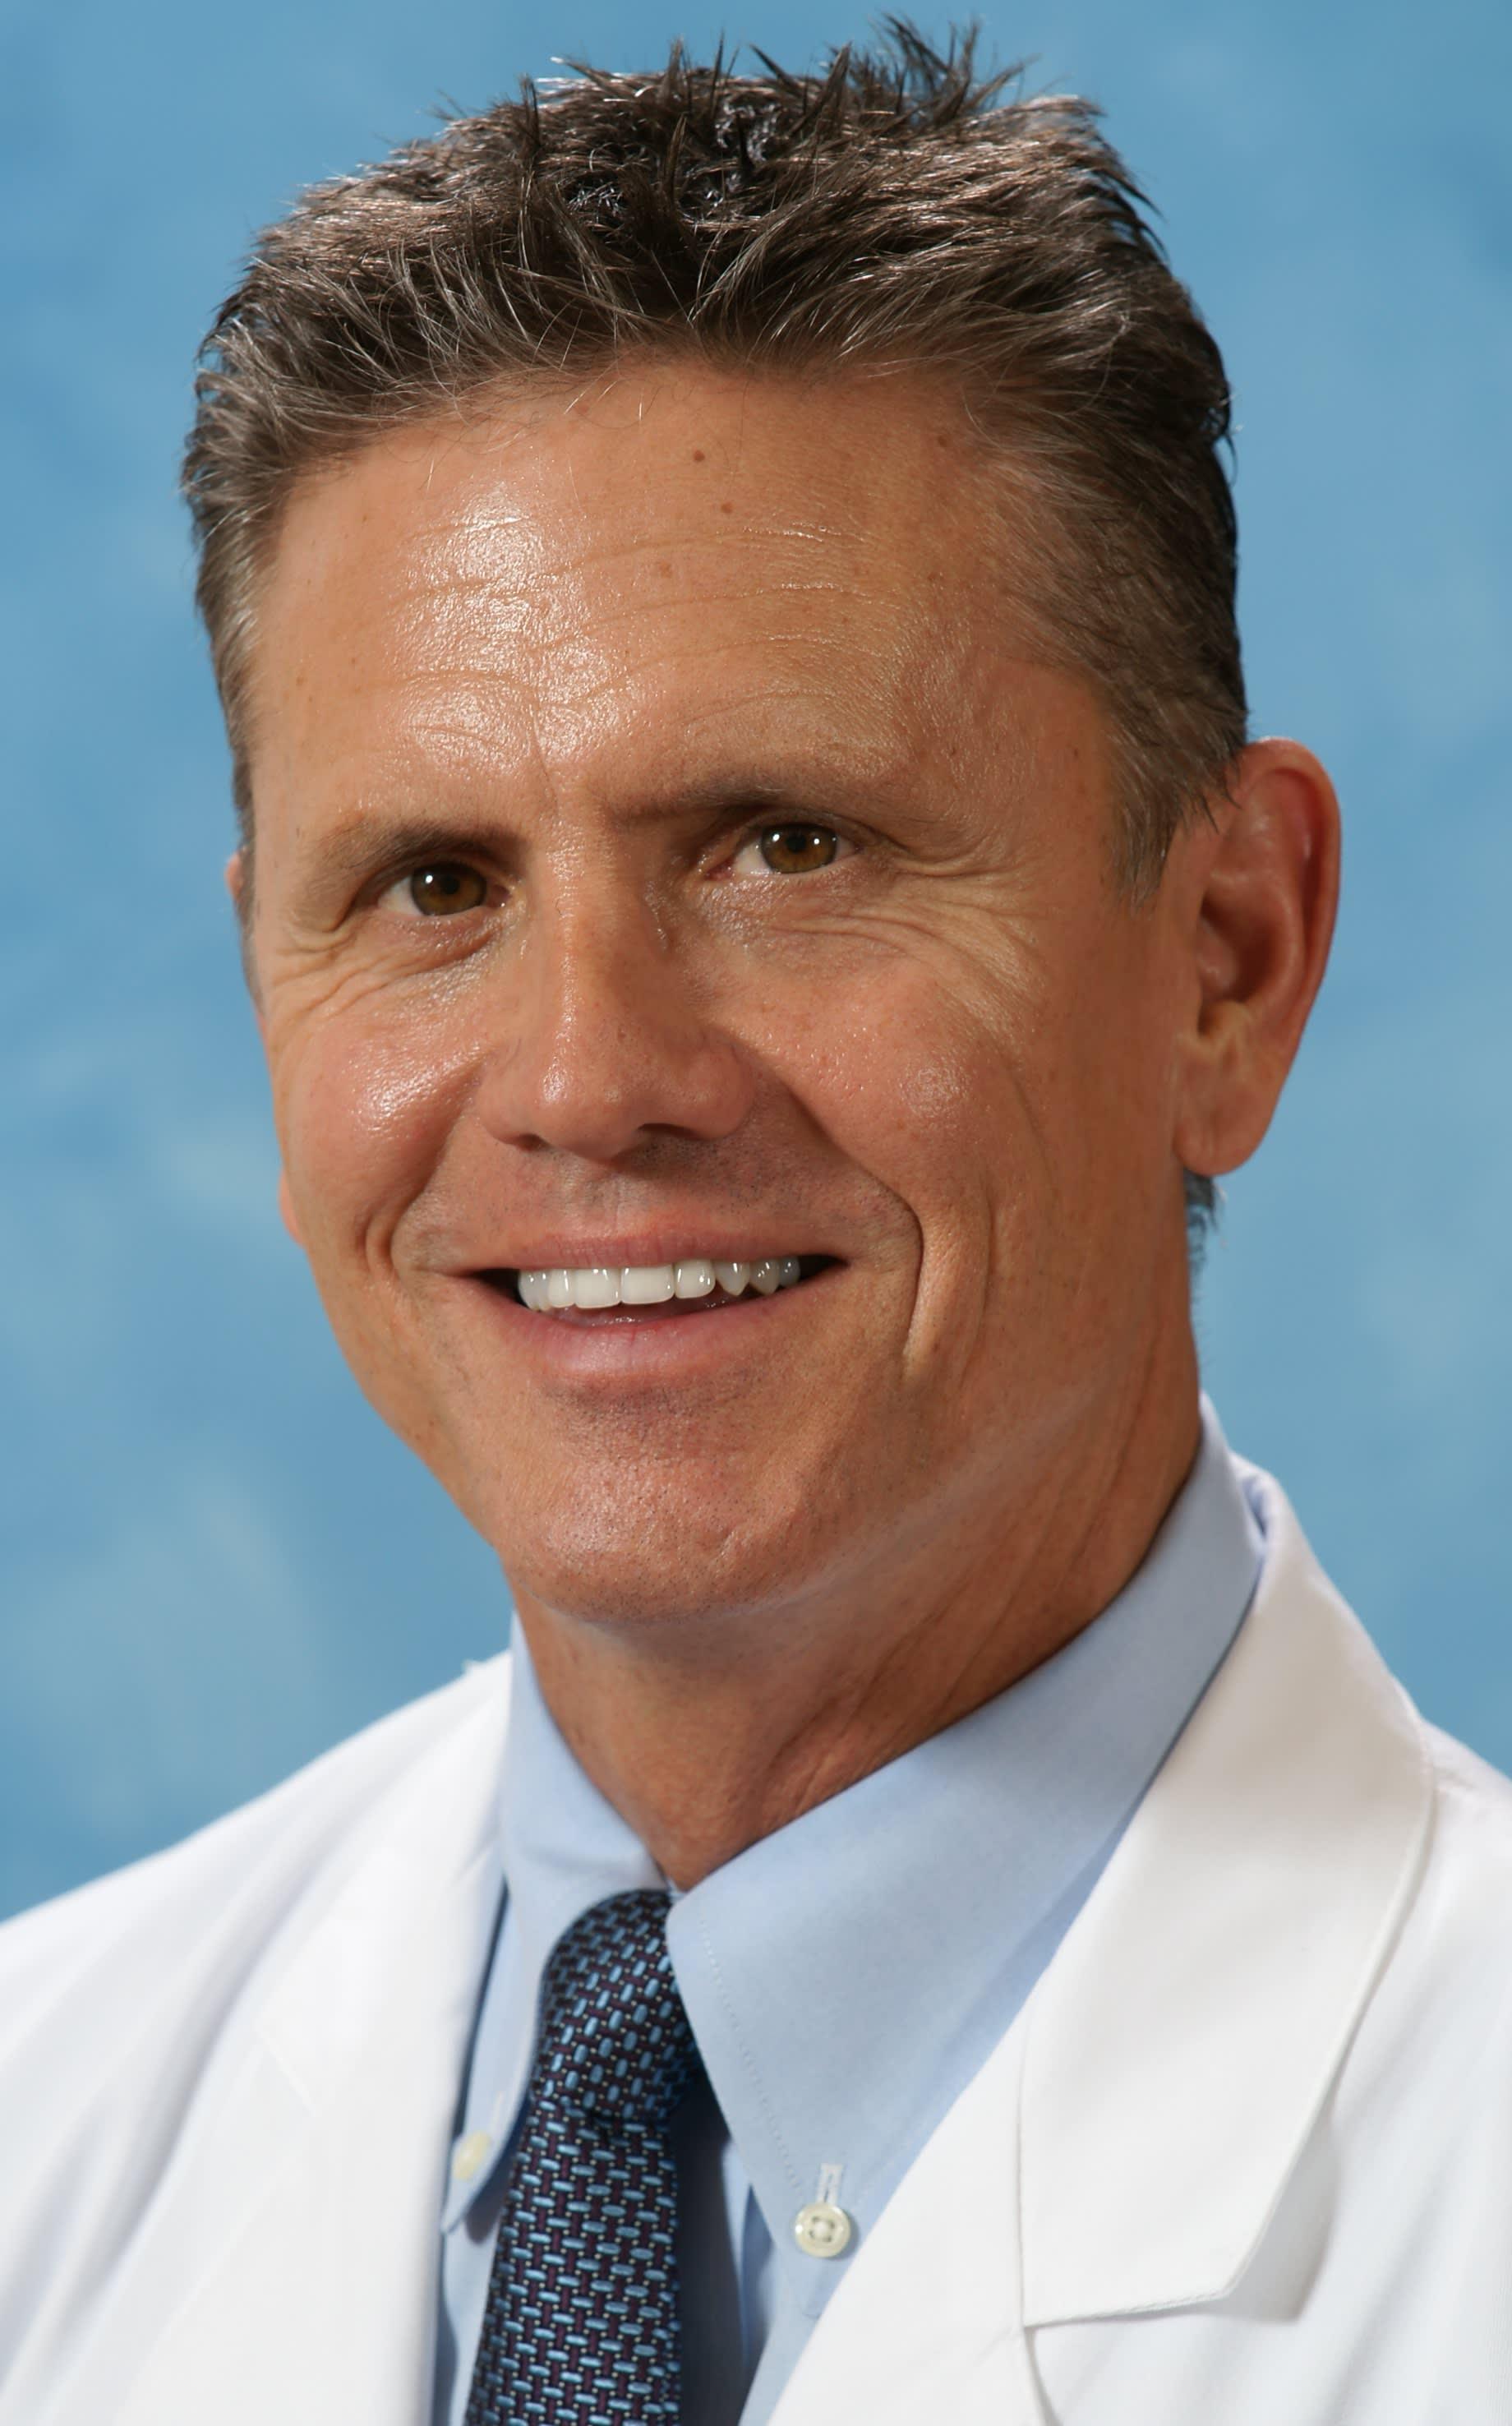 Dr. Stephen J Oconnell MD